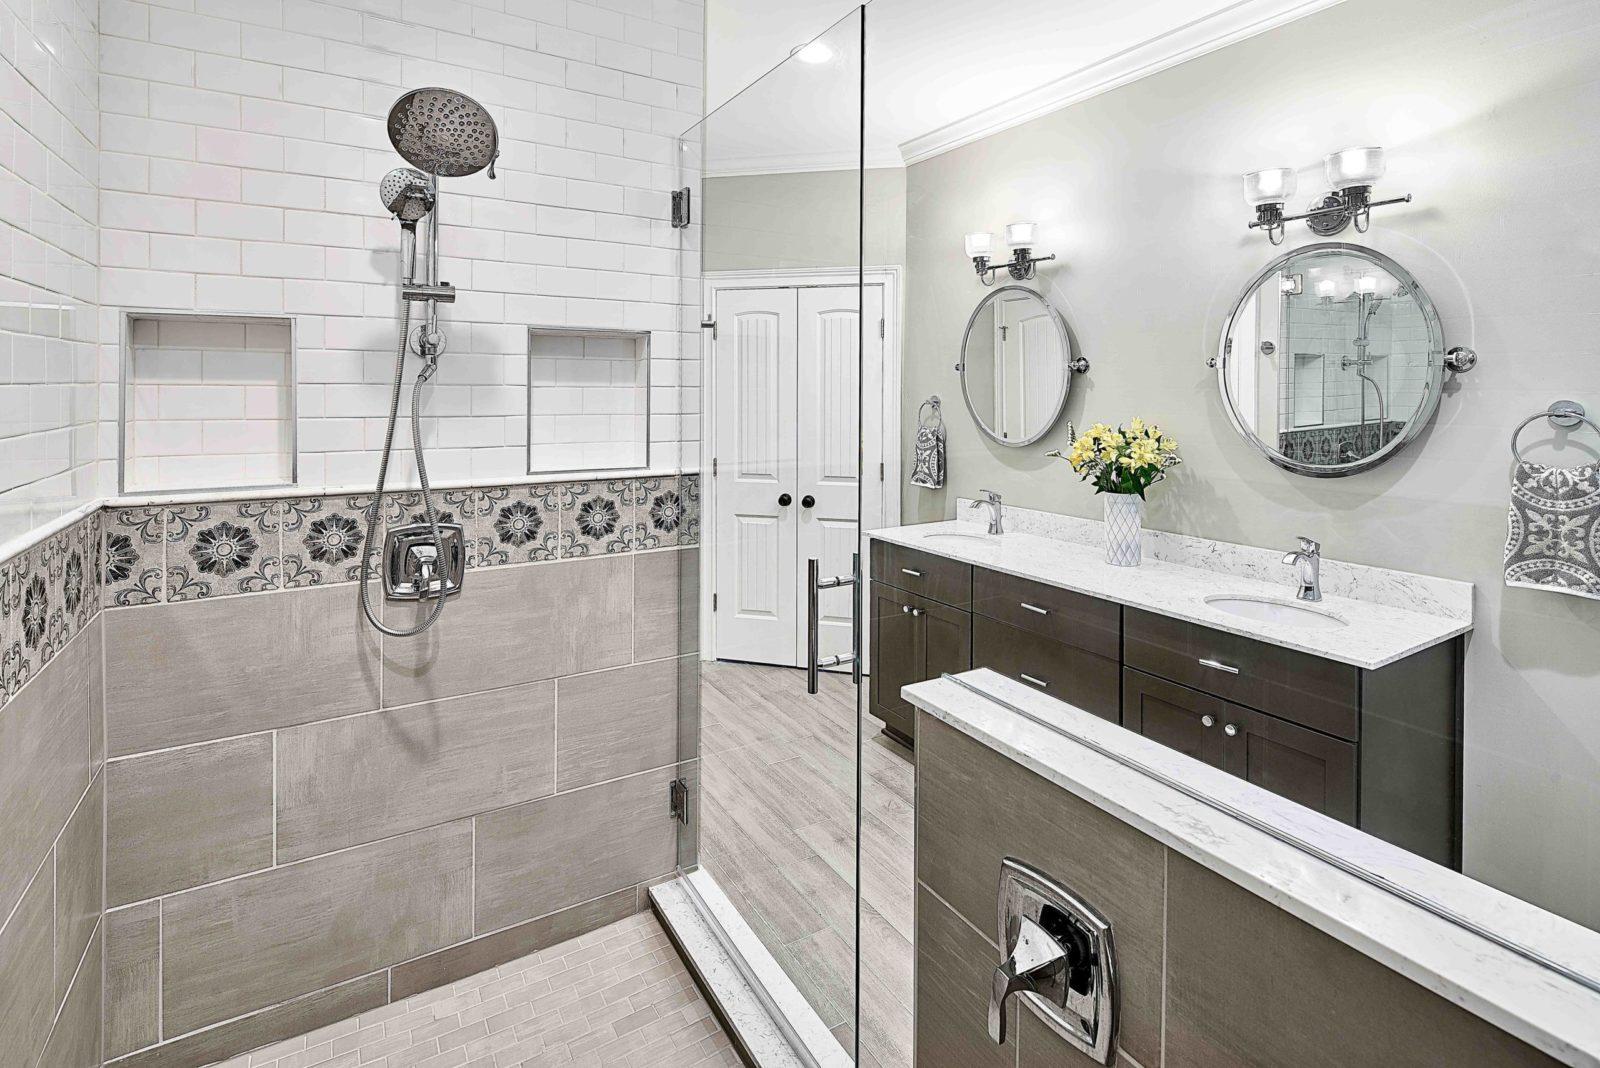 revision-design-master-bath-remodel